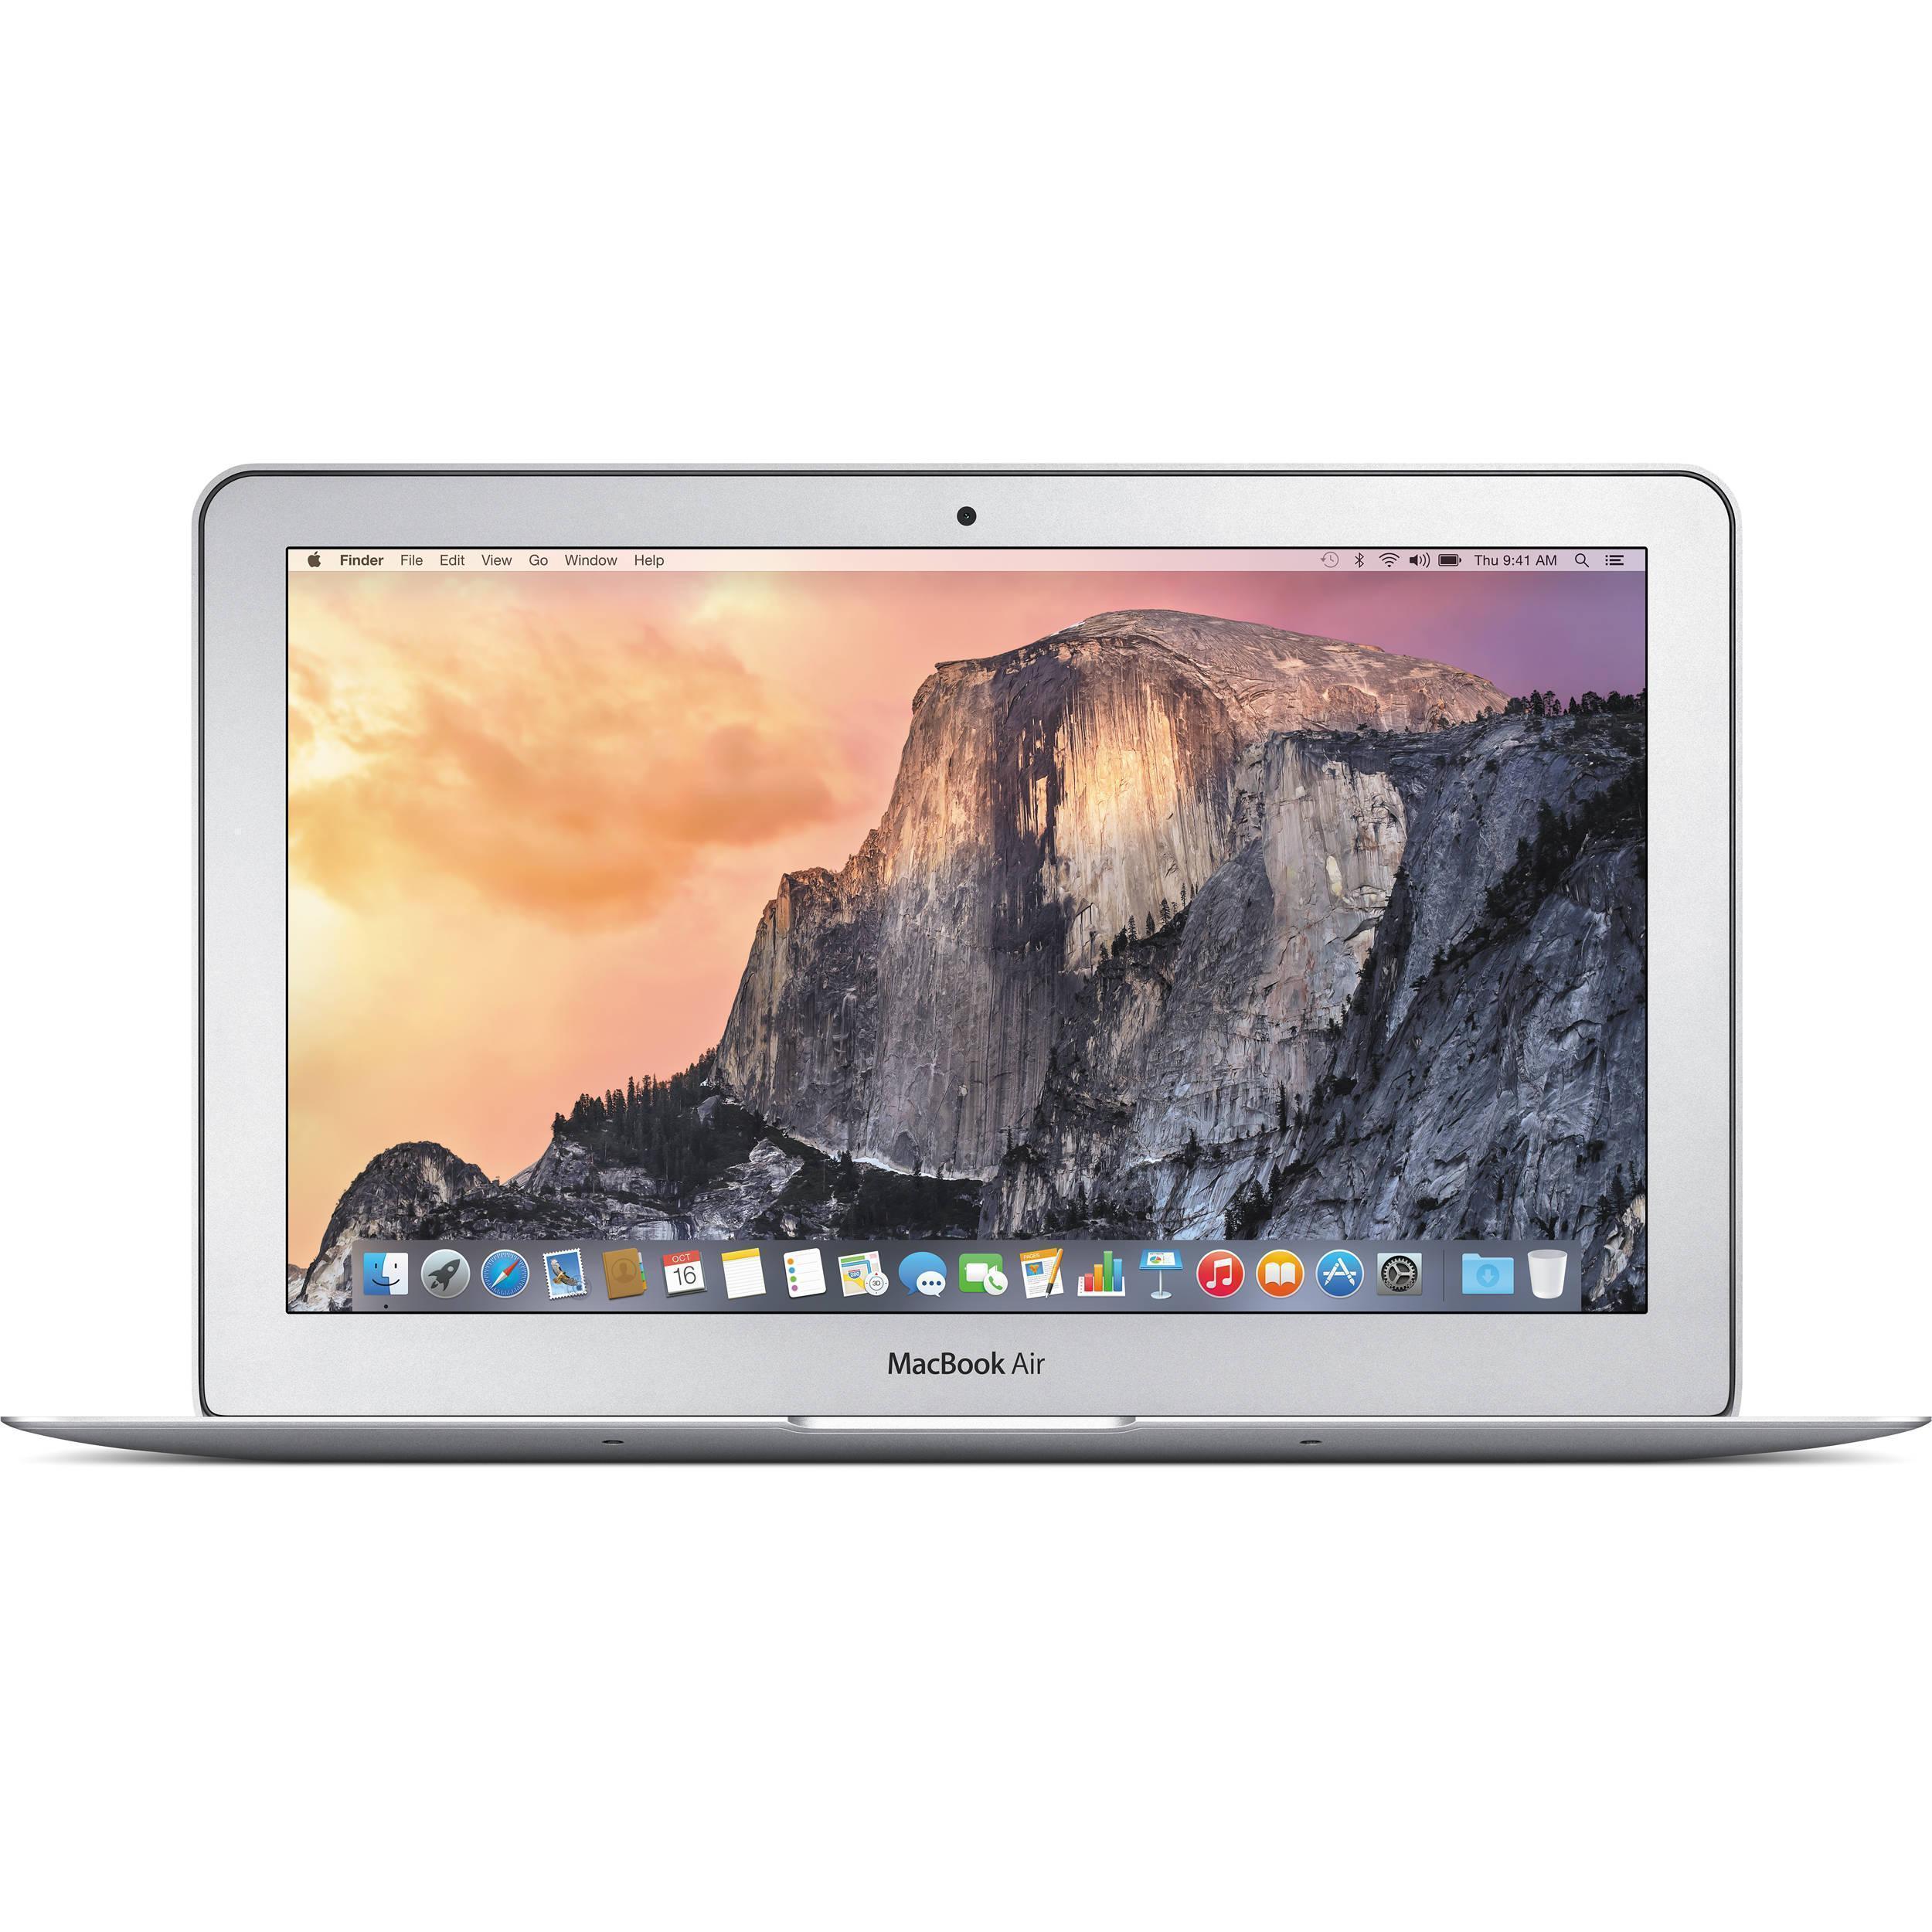 MacBook Air 11,6-tum (2013) - Core i5 - 8GB - SSD 256 GB QWERTZ - Tyska